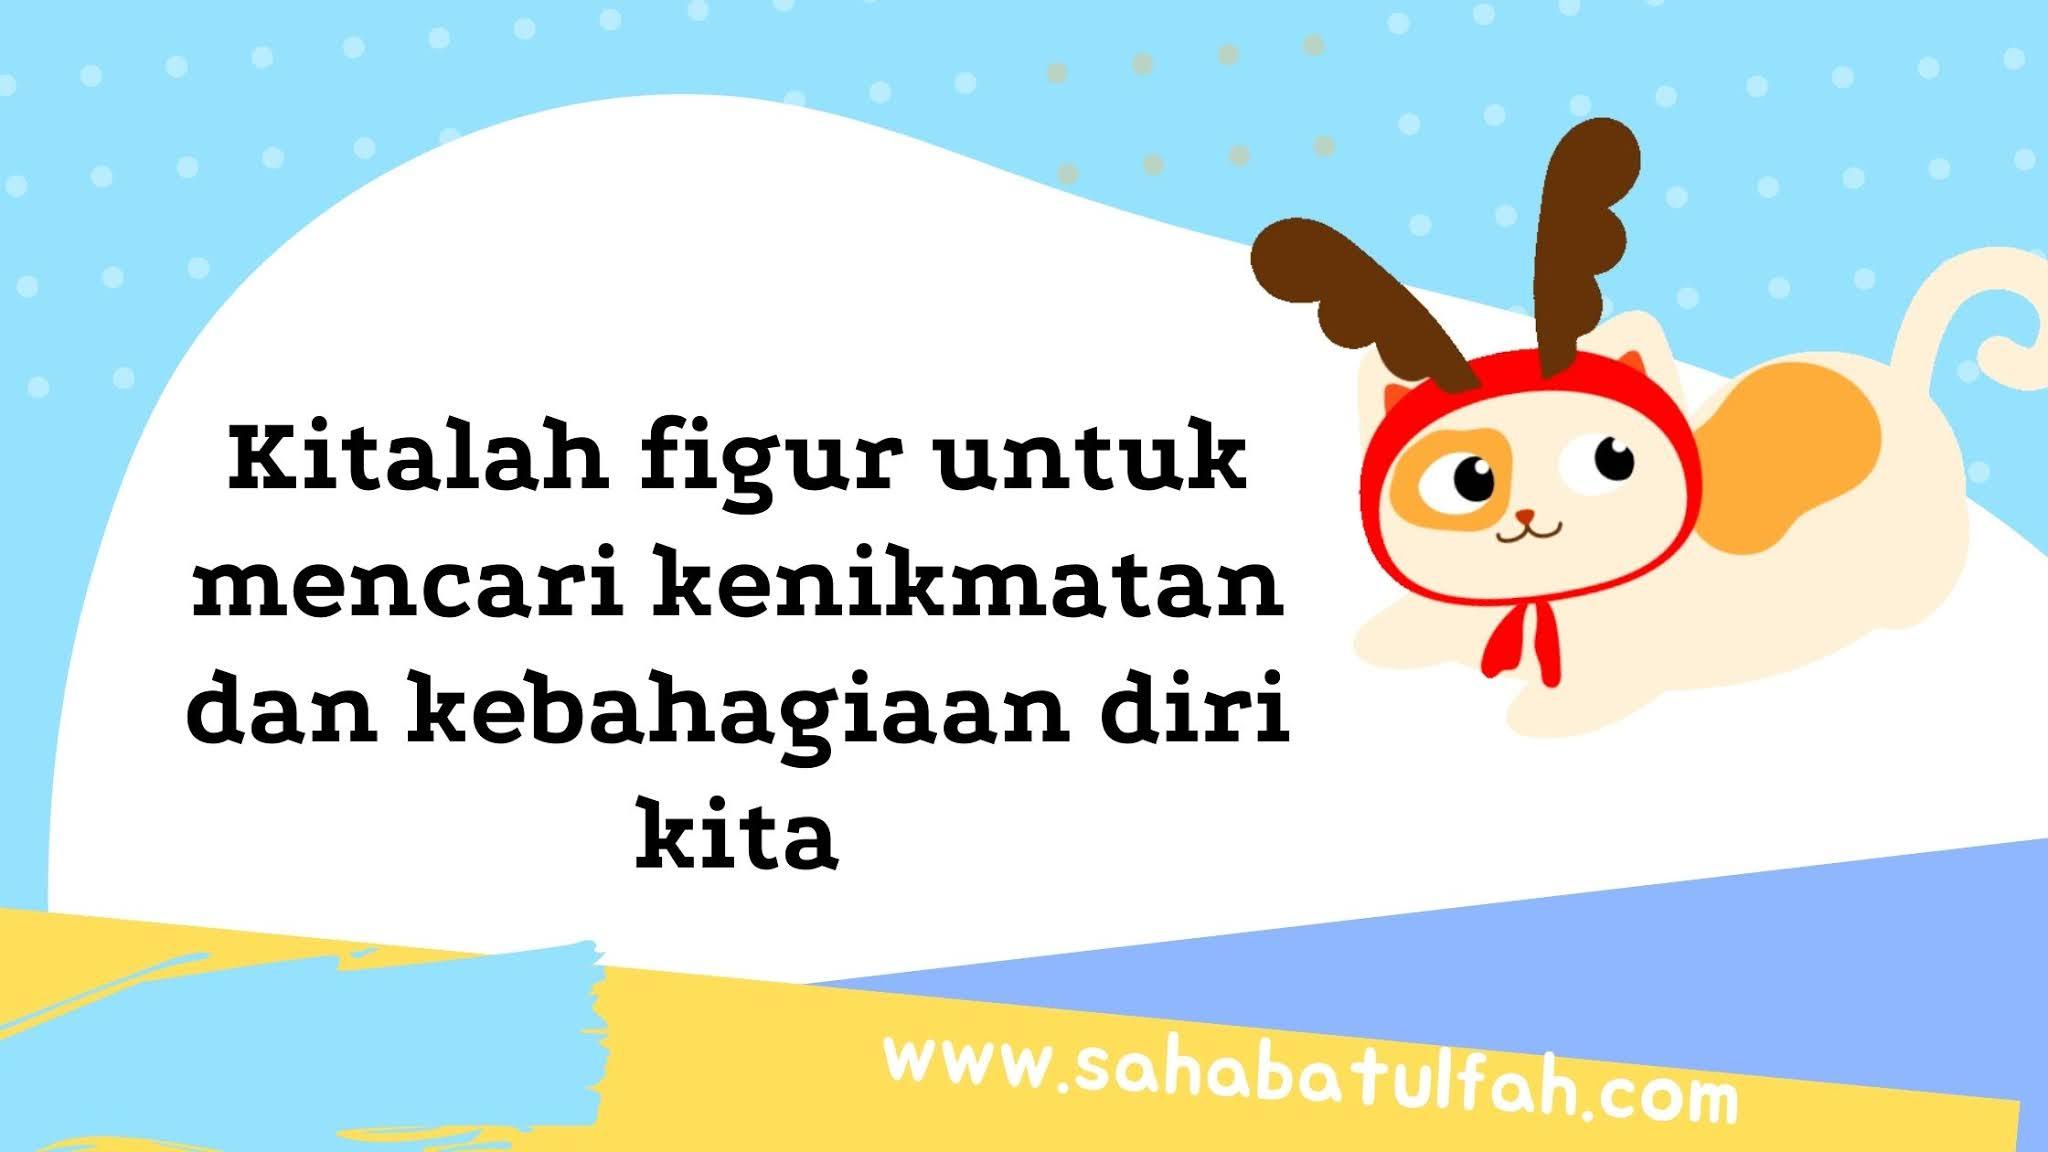 Self-Love-Ulfah-Aulia-Sahabatulfah